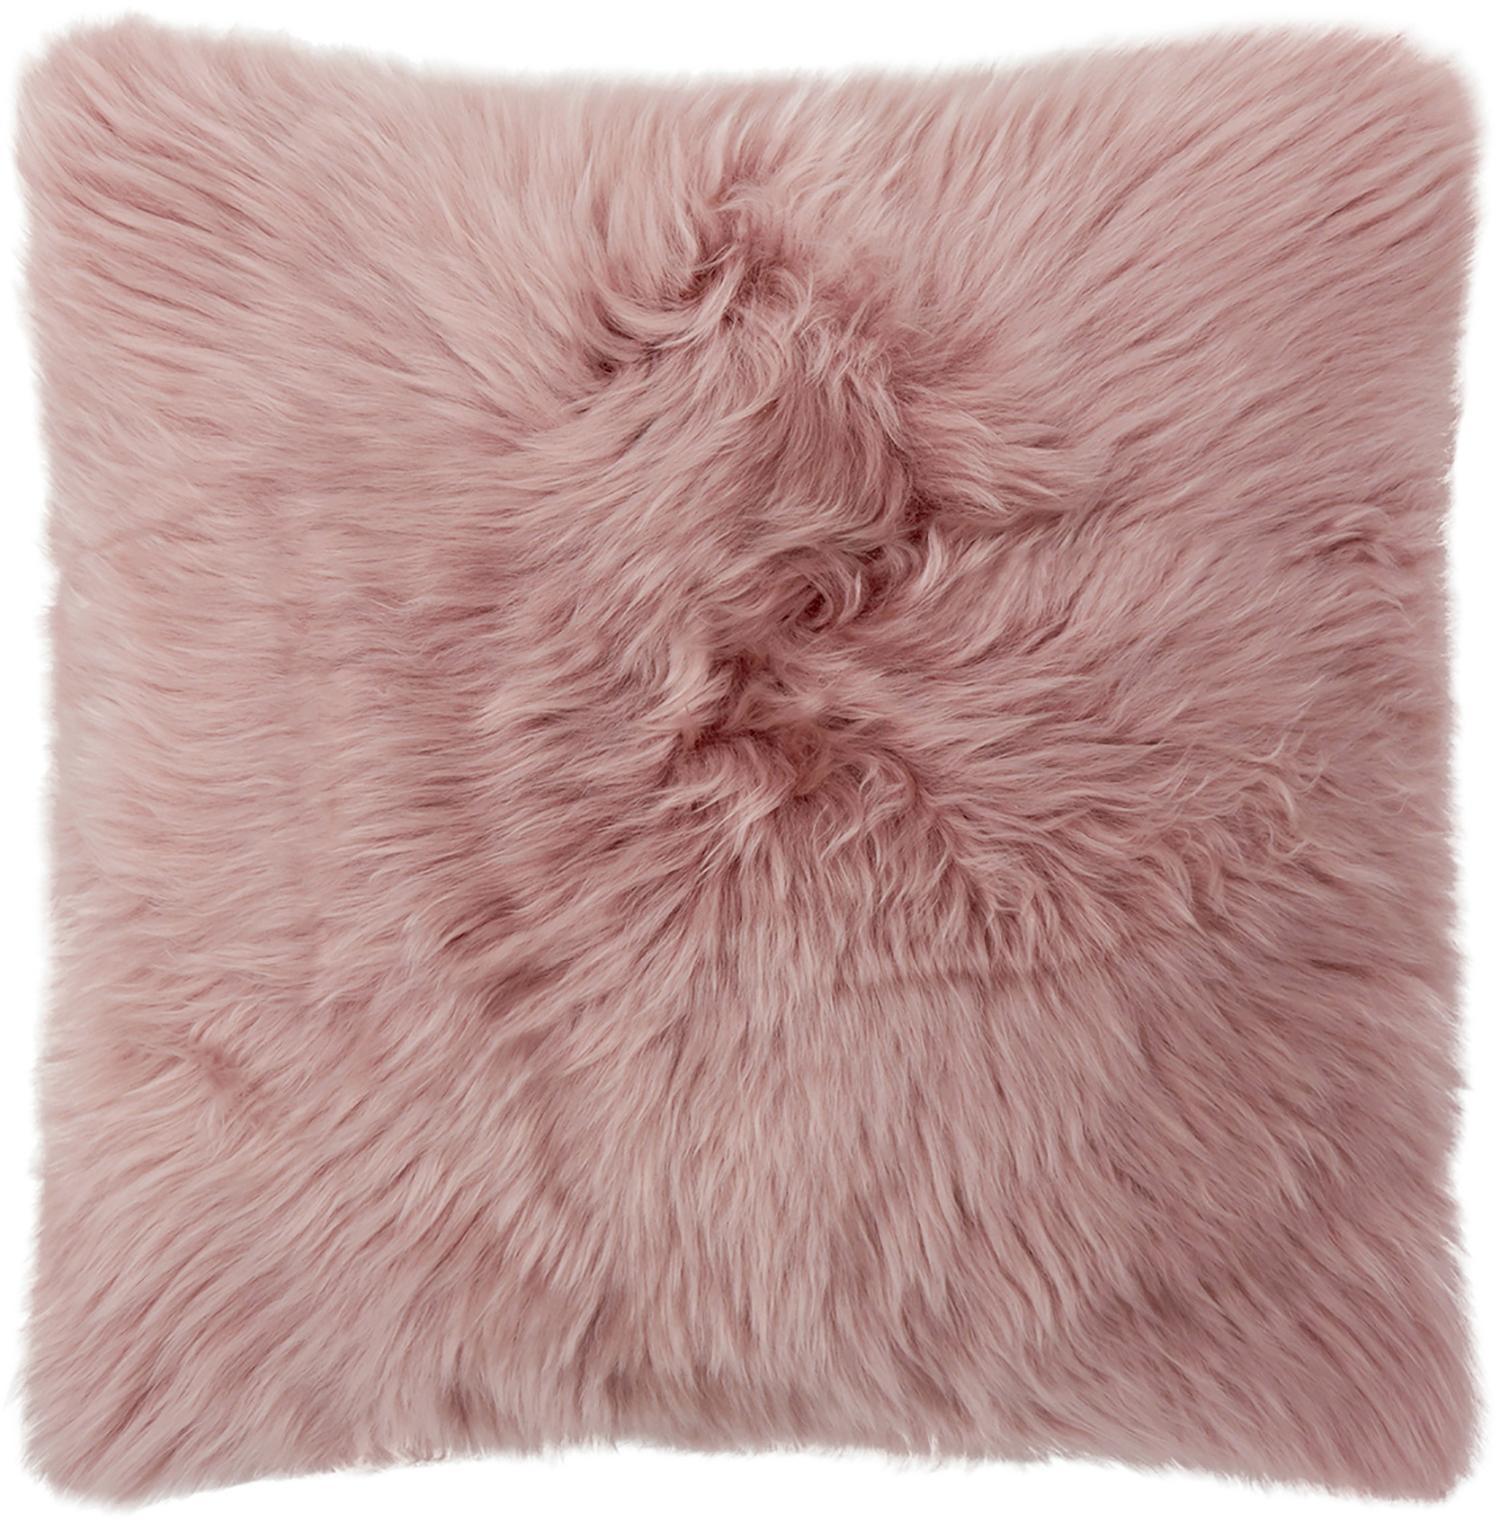 Funda de cojín de piel de oveja Oslo, Parte delantera: 100%piel de oveja, Parte trasera: lino, Rosa, gris claro, An 40 x L 40 cm